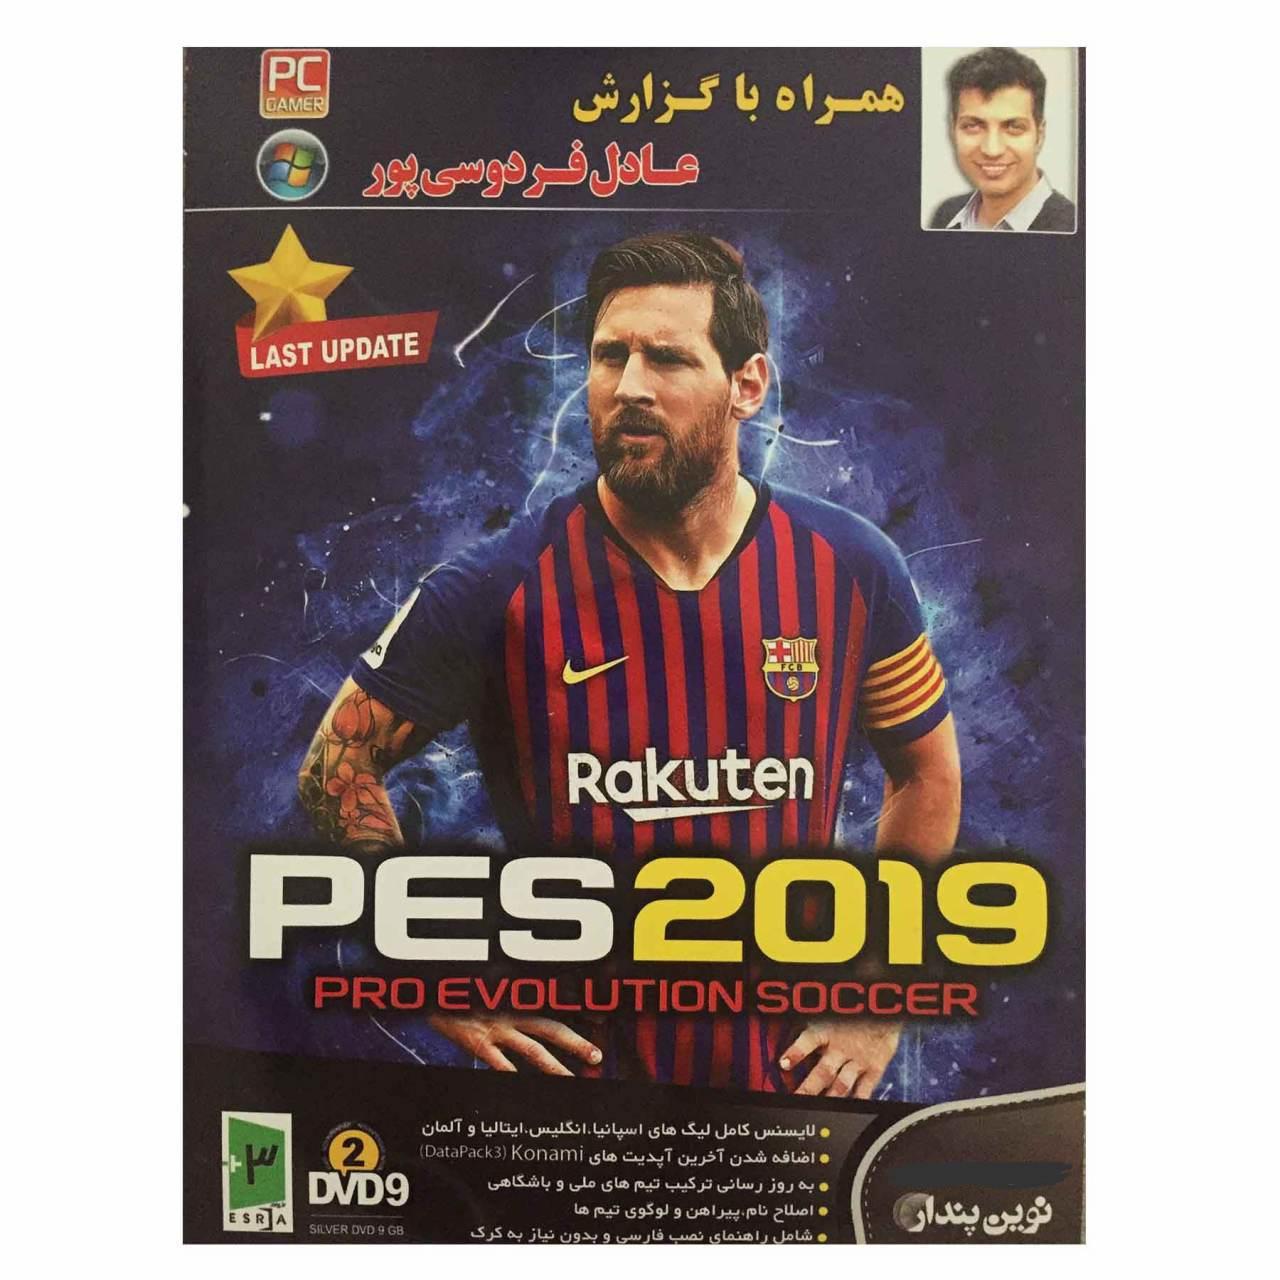 بازی PES 2019 مخصوص PC نشر نوين پندار